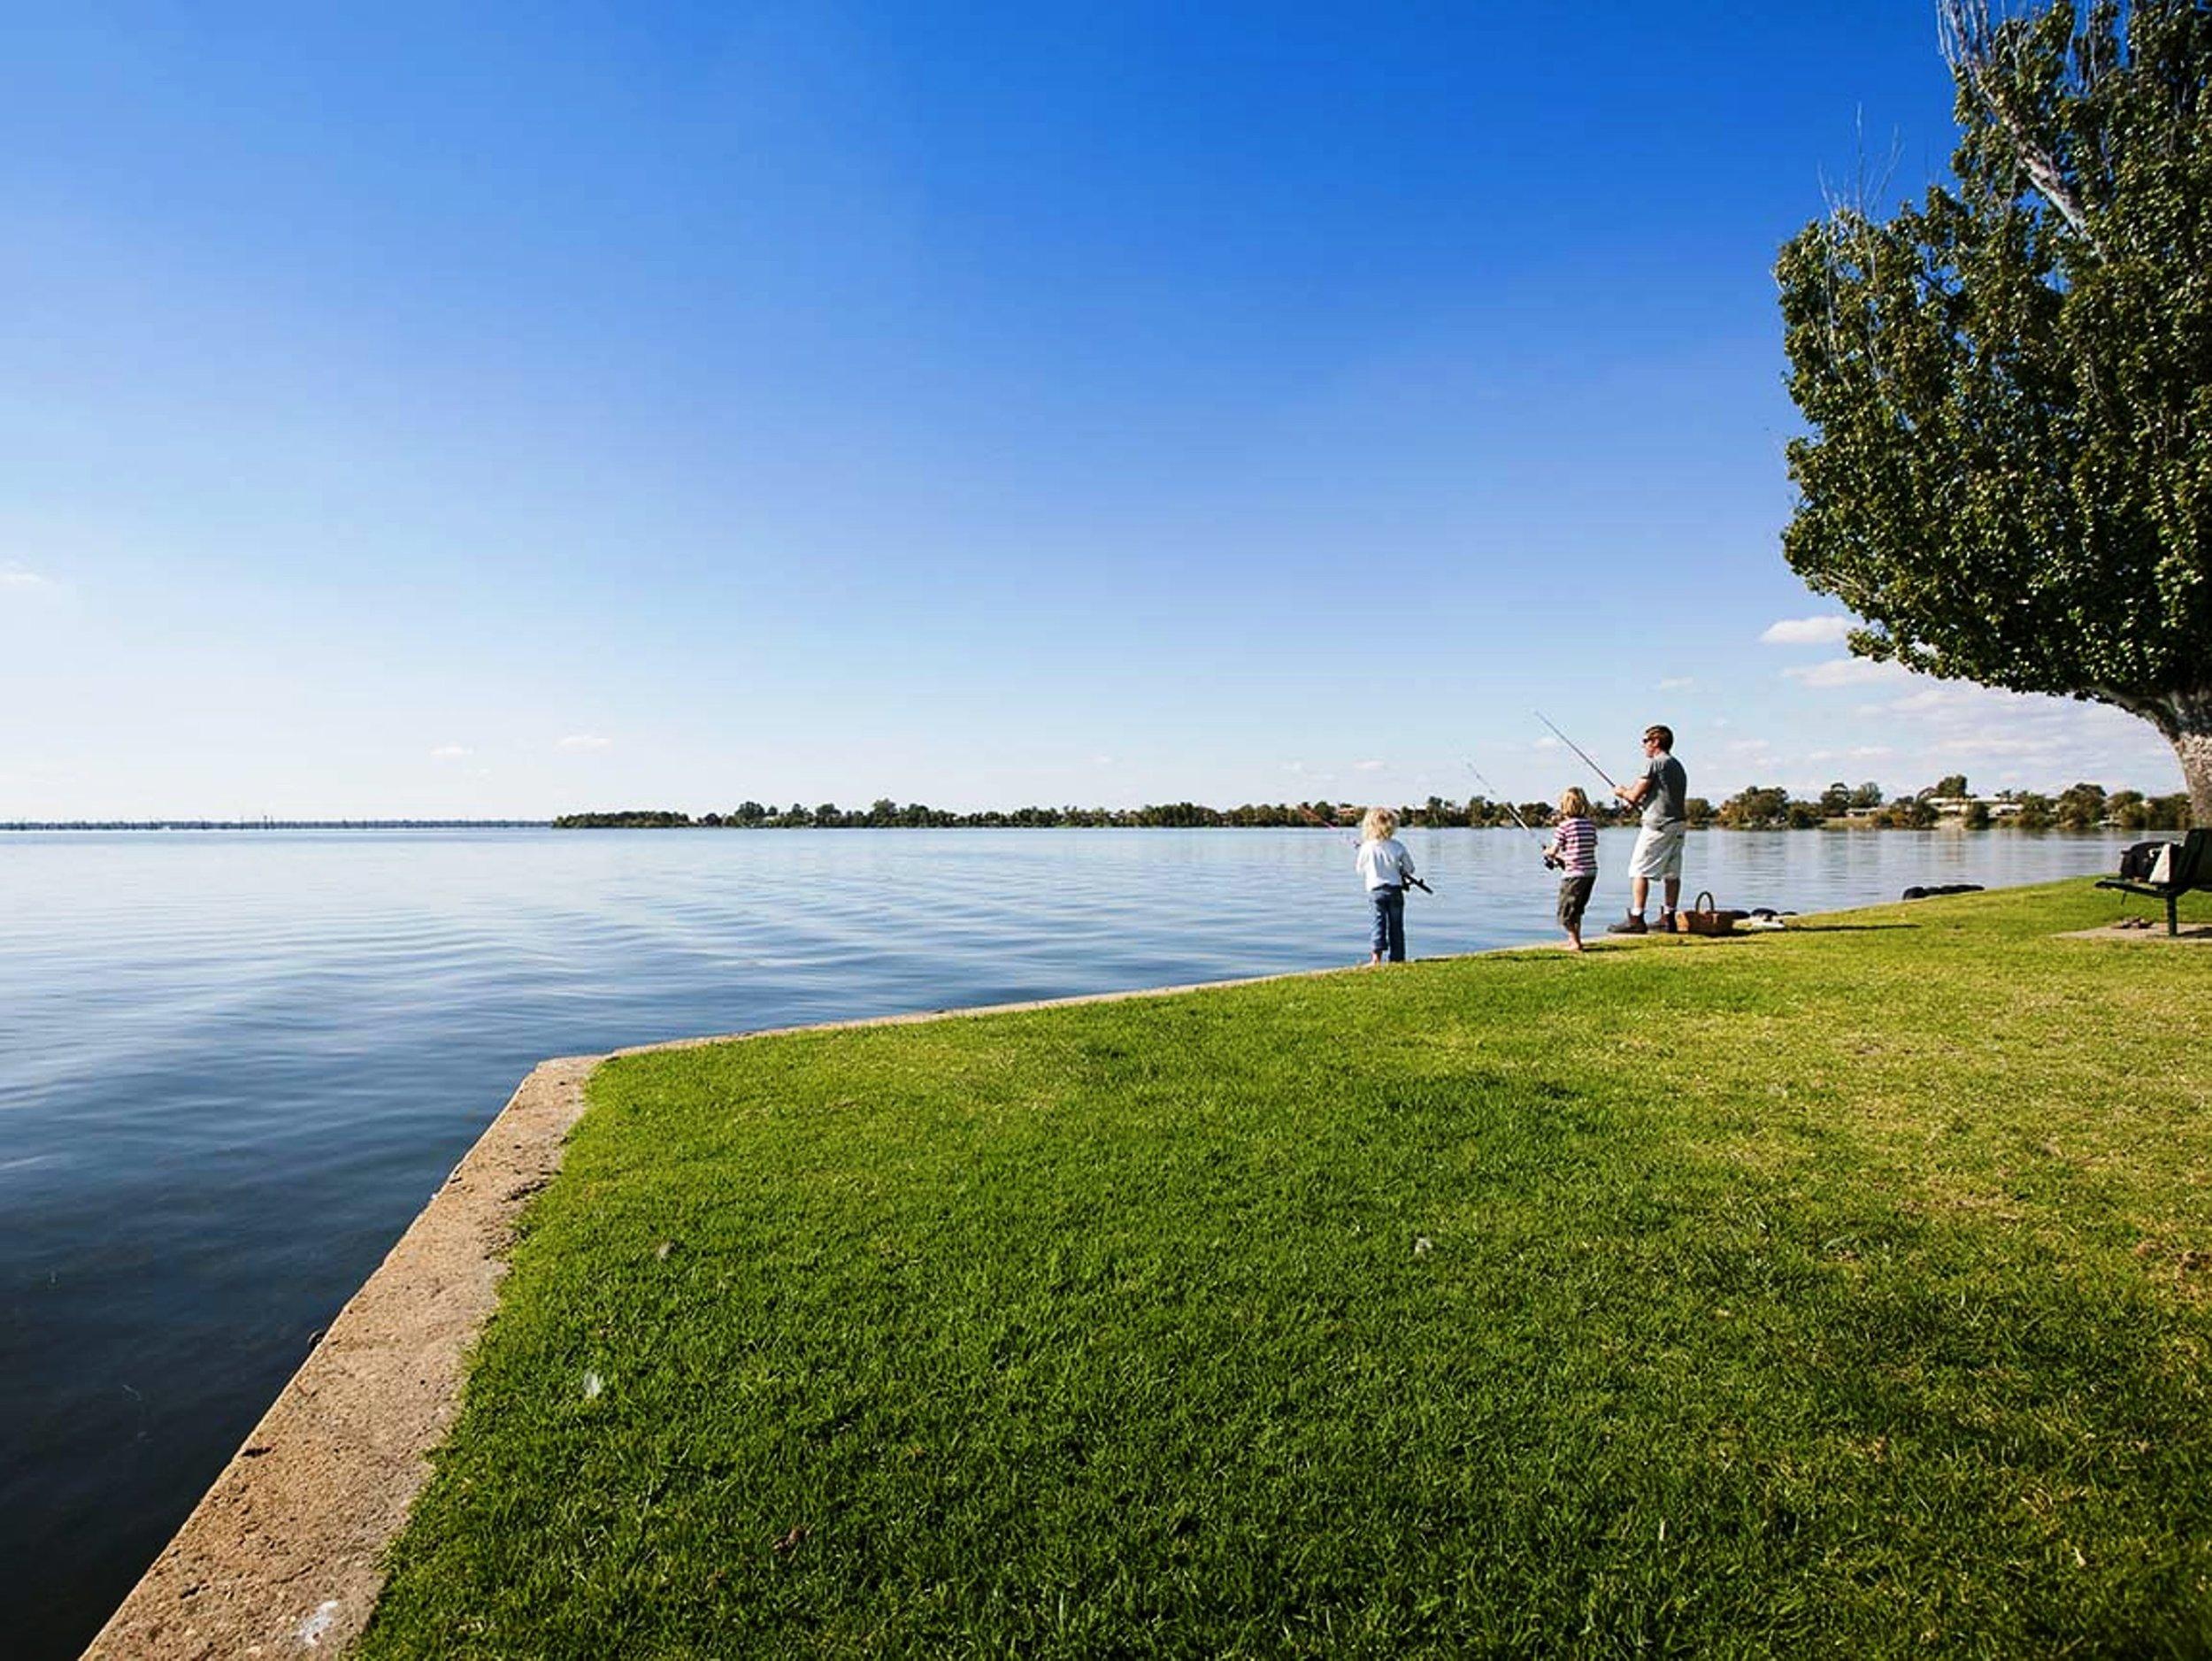 fishing_lake_mulwala_resort.jpg